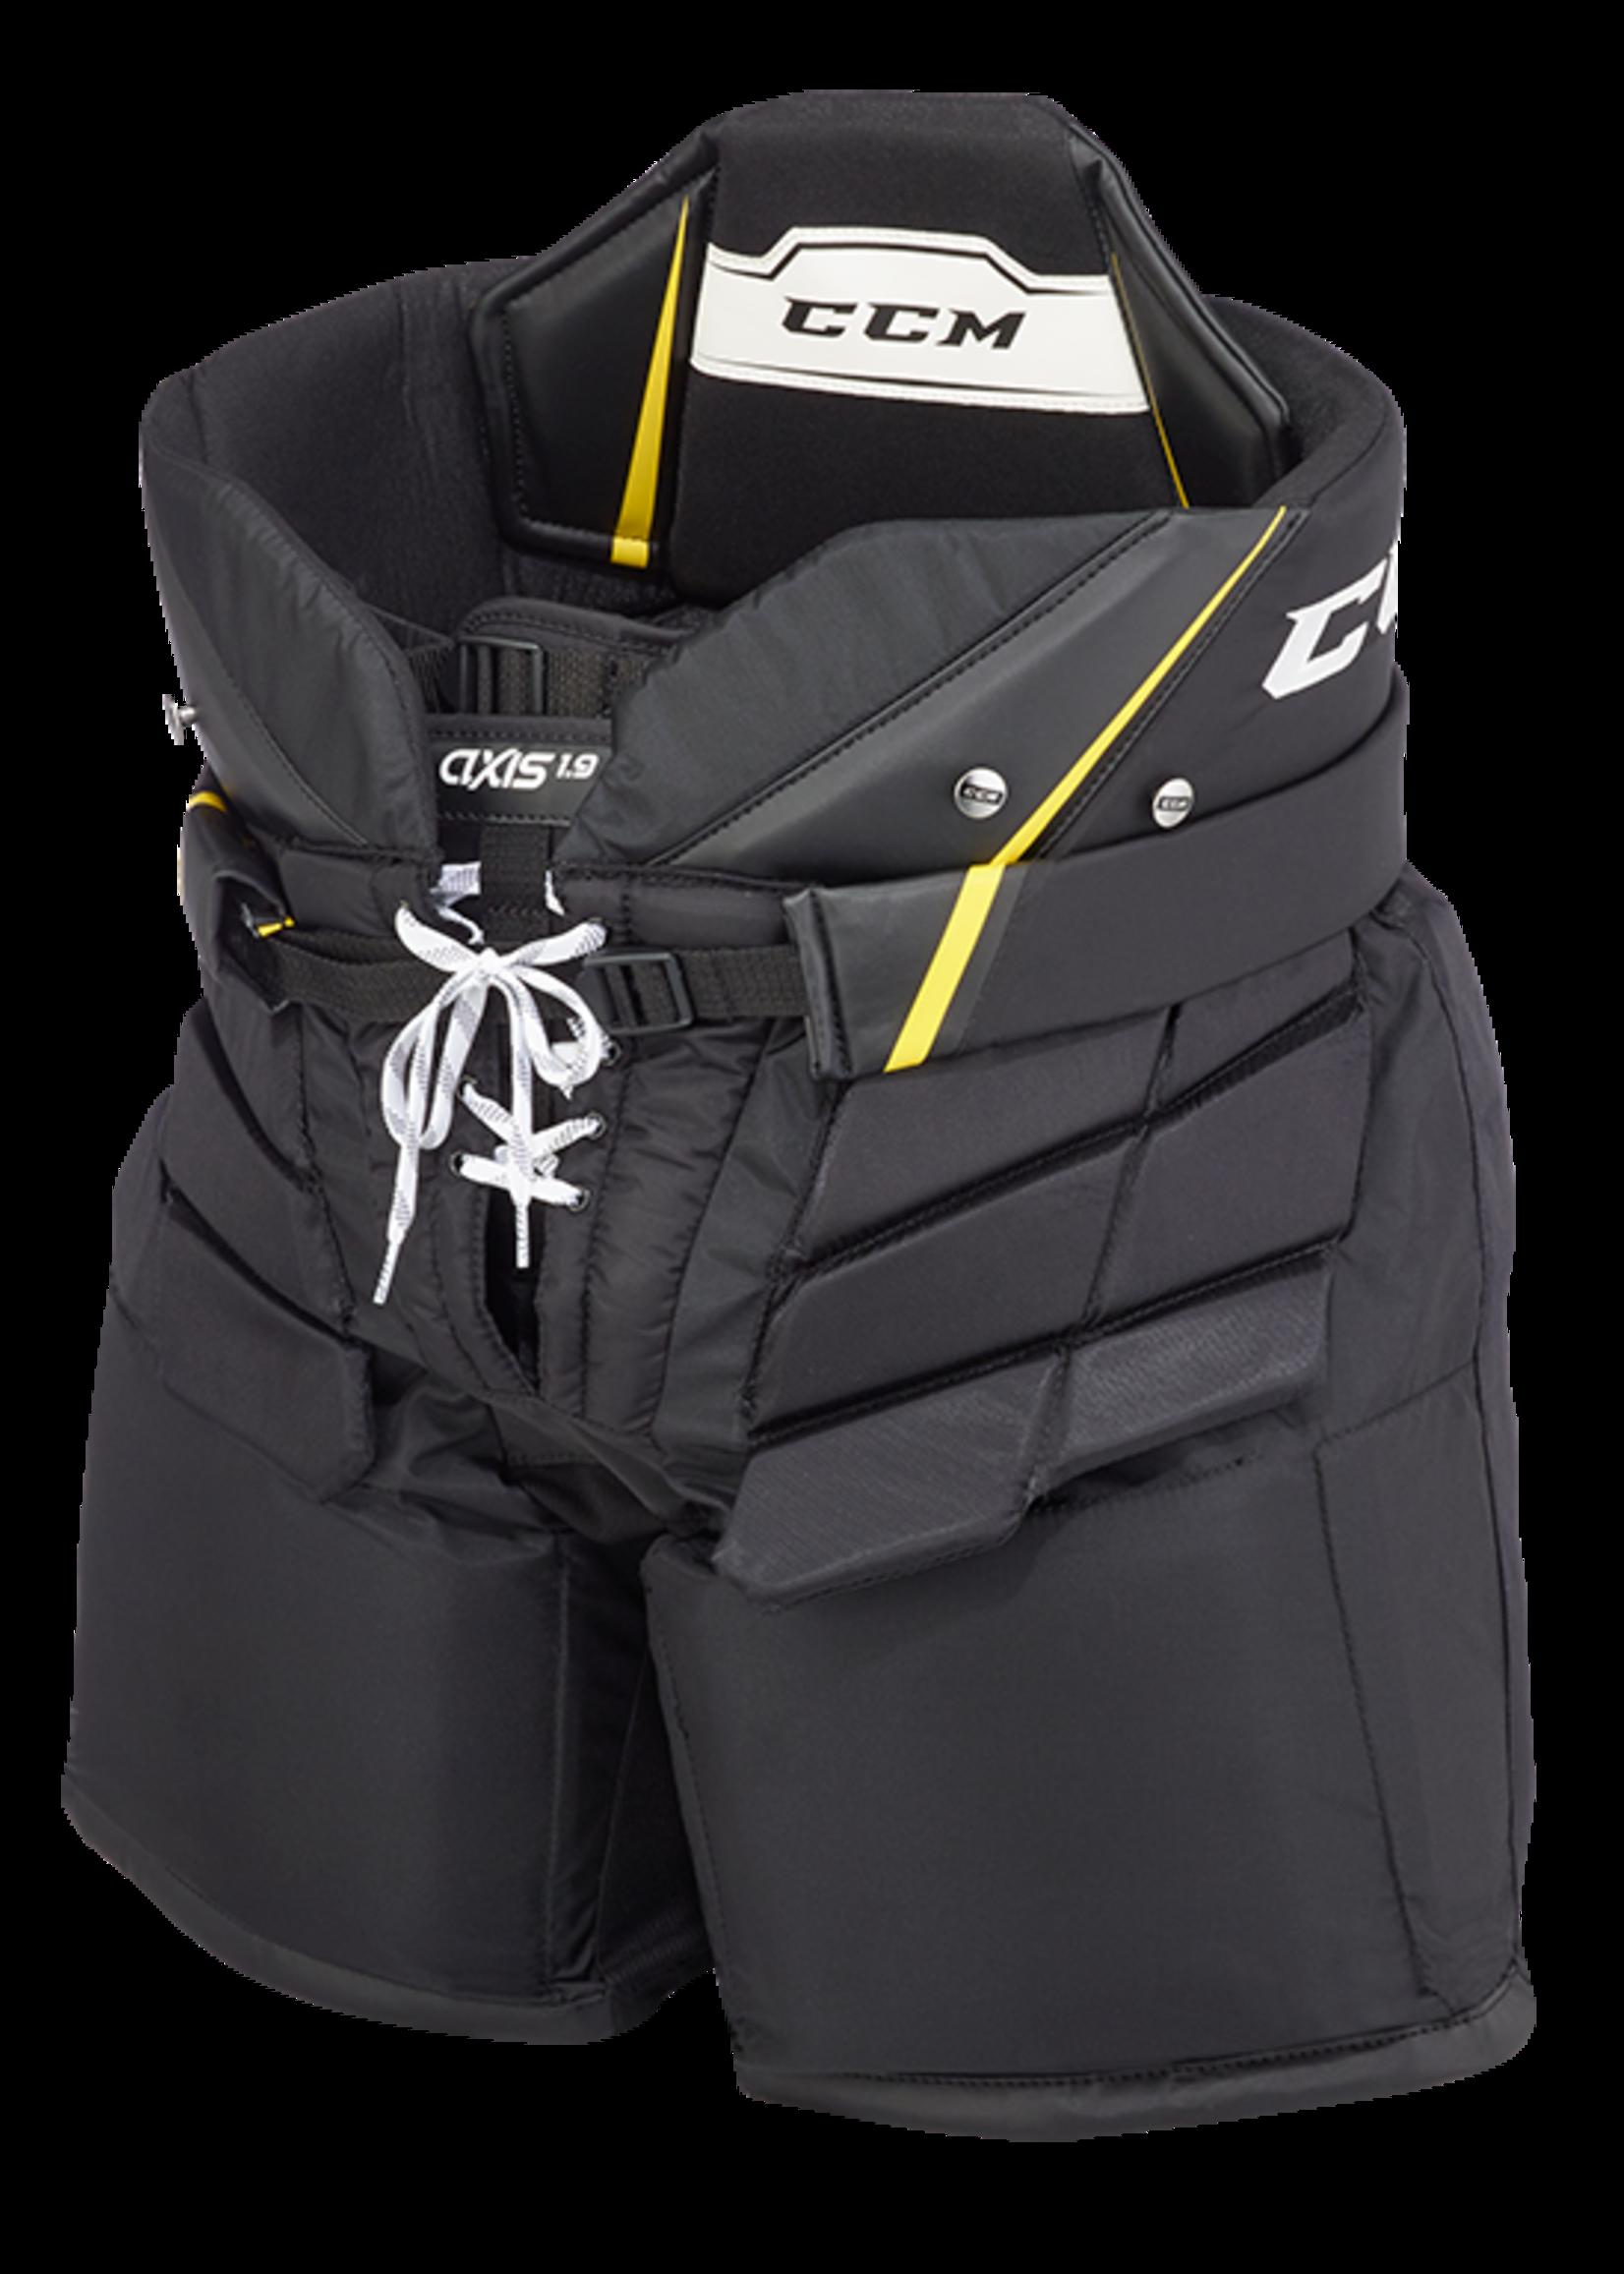 CCM Axis 1.9 Senior Goalie Pants